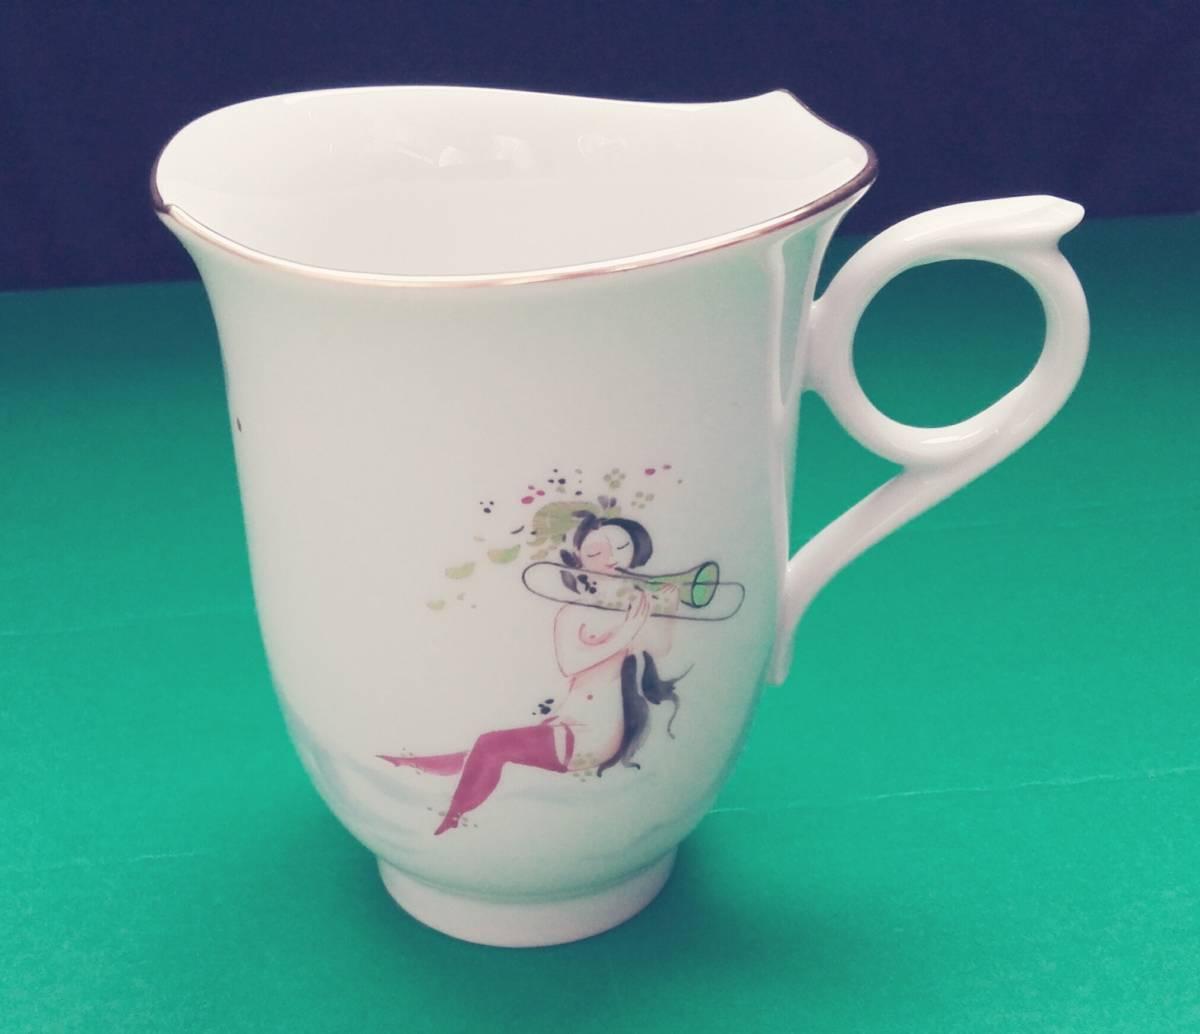 マイセンの人気コーヒーカップ&ソーサー 1客 新品未使用 送料無料_画像5